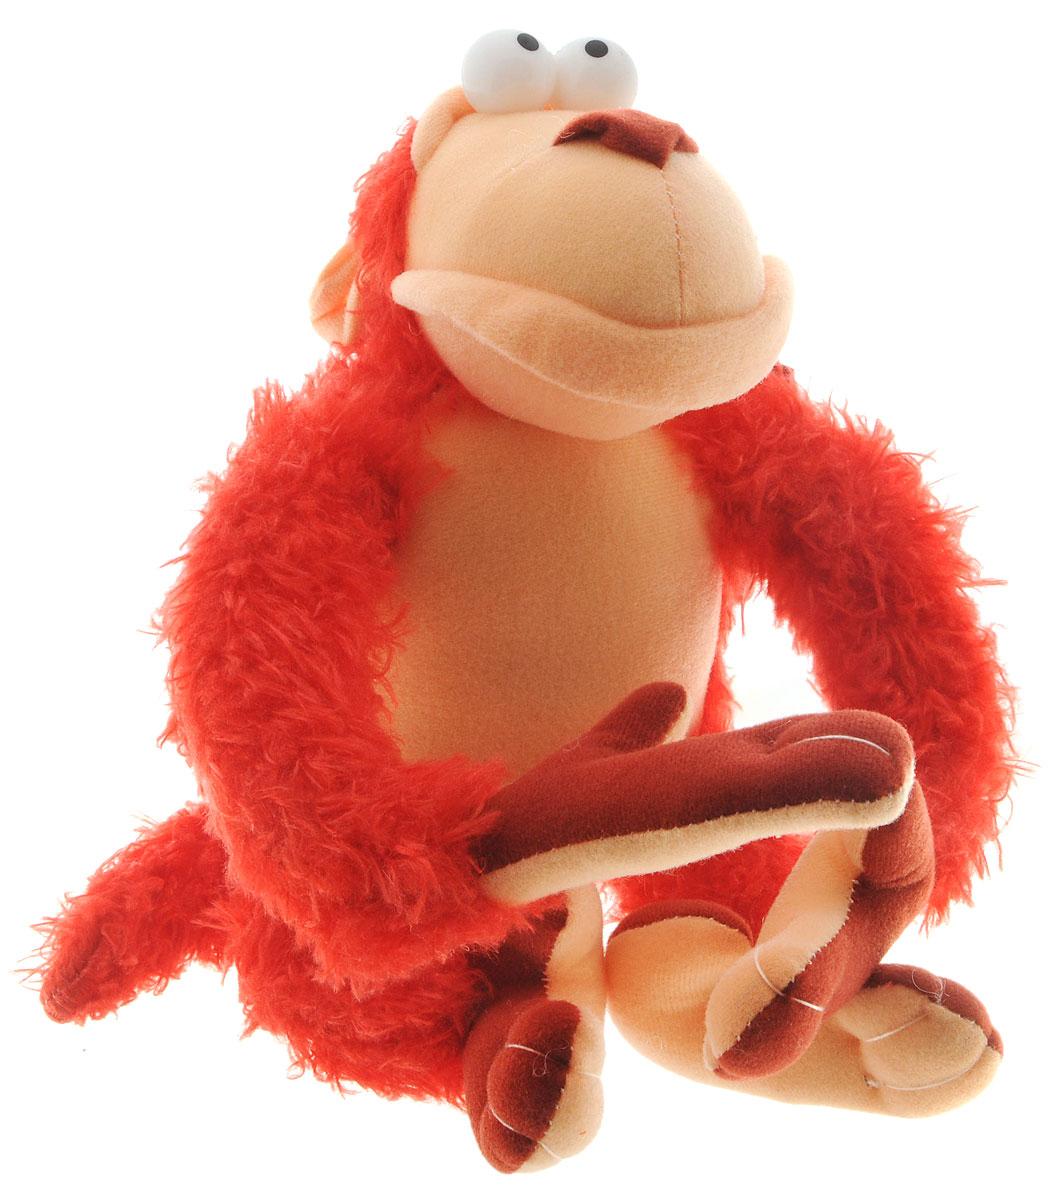 Fancy Мягкая игрушка Обезьянка Питто цвет красный 20 смOPP0_красныйОчаровательная мягкая игрушка Fancy Обезьянка Питто, выполненная в виде забавной обезьянки красного цвета, вызовет умиление и улыбку у каждого, кто ее увидит. Удивительно мягкая игрушка принесет радость и подарит своему обладателю мгновения нежных объятий и приятных воспоминаний. Питто - веселая обезьянка на металлическом каркасе, у нее цепкий длинный хвост, а на передних лапах она может повиснуть и раскачиваться. Великолепное качество исполнения делают эту игрушку чудесным подарком к любому празднику.